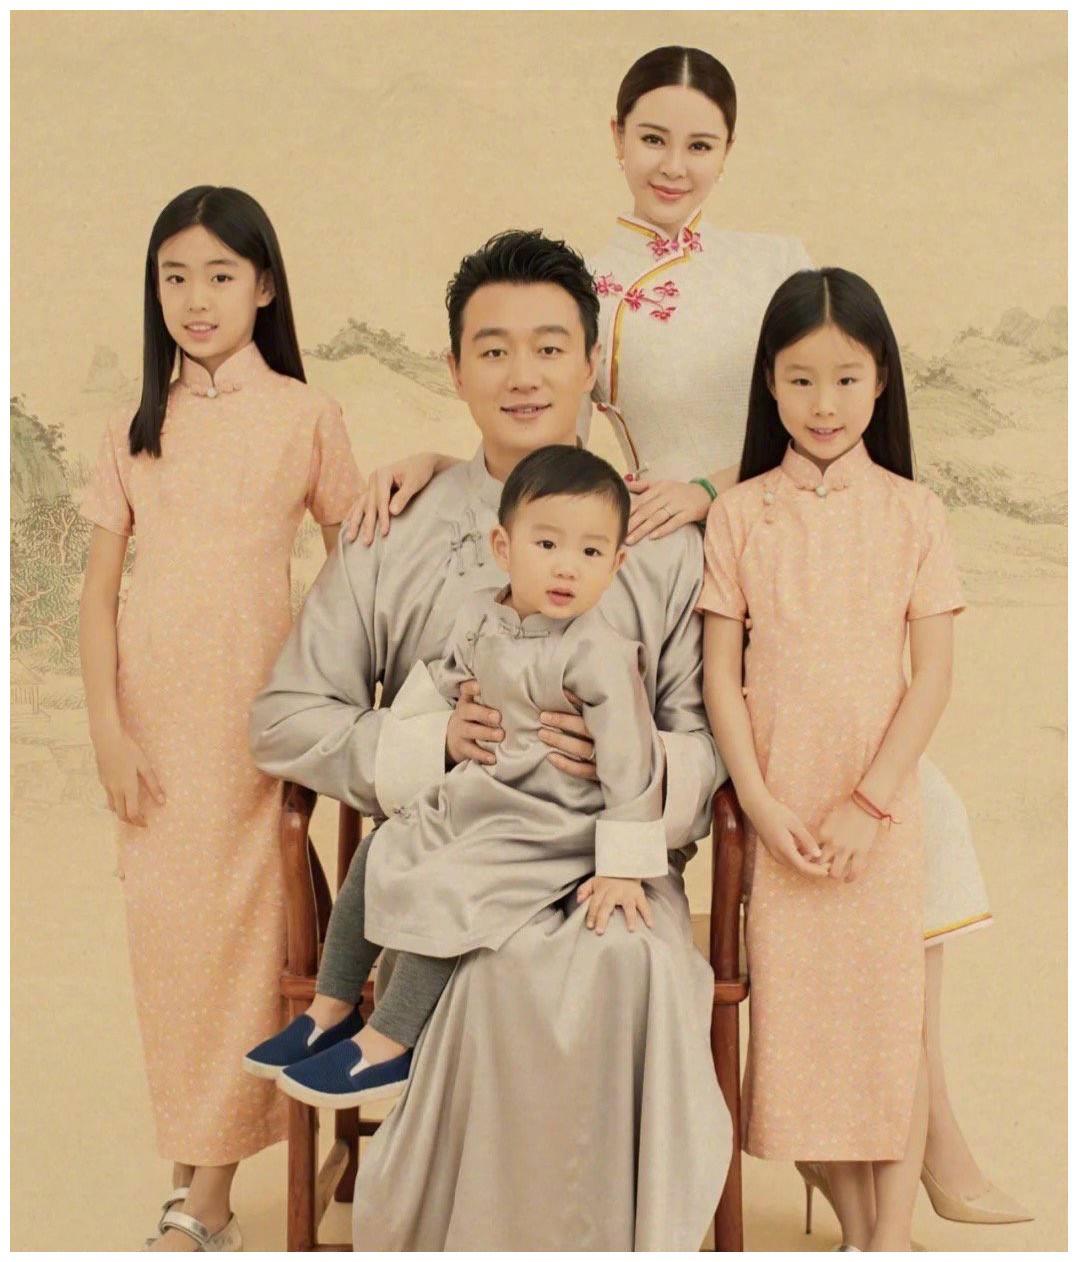 佟大为一家五口民国风造型曝光,儿女完美继承父母强大基因